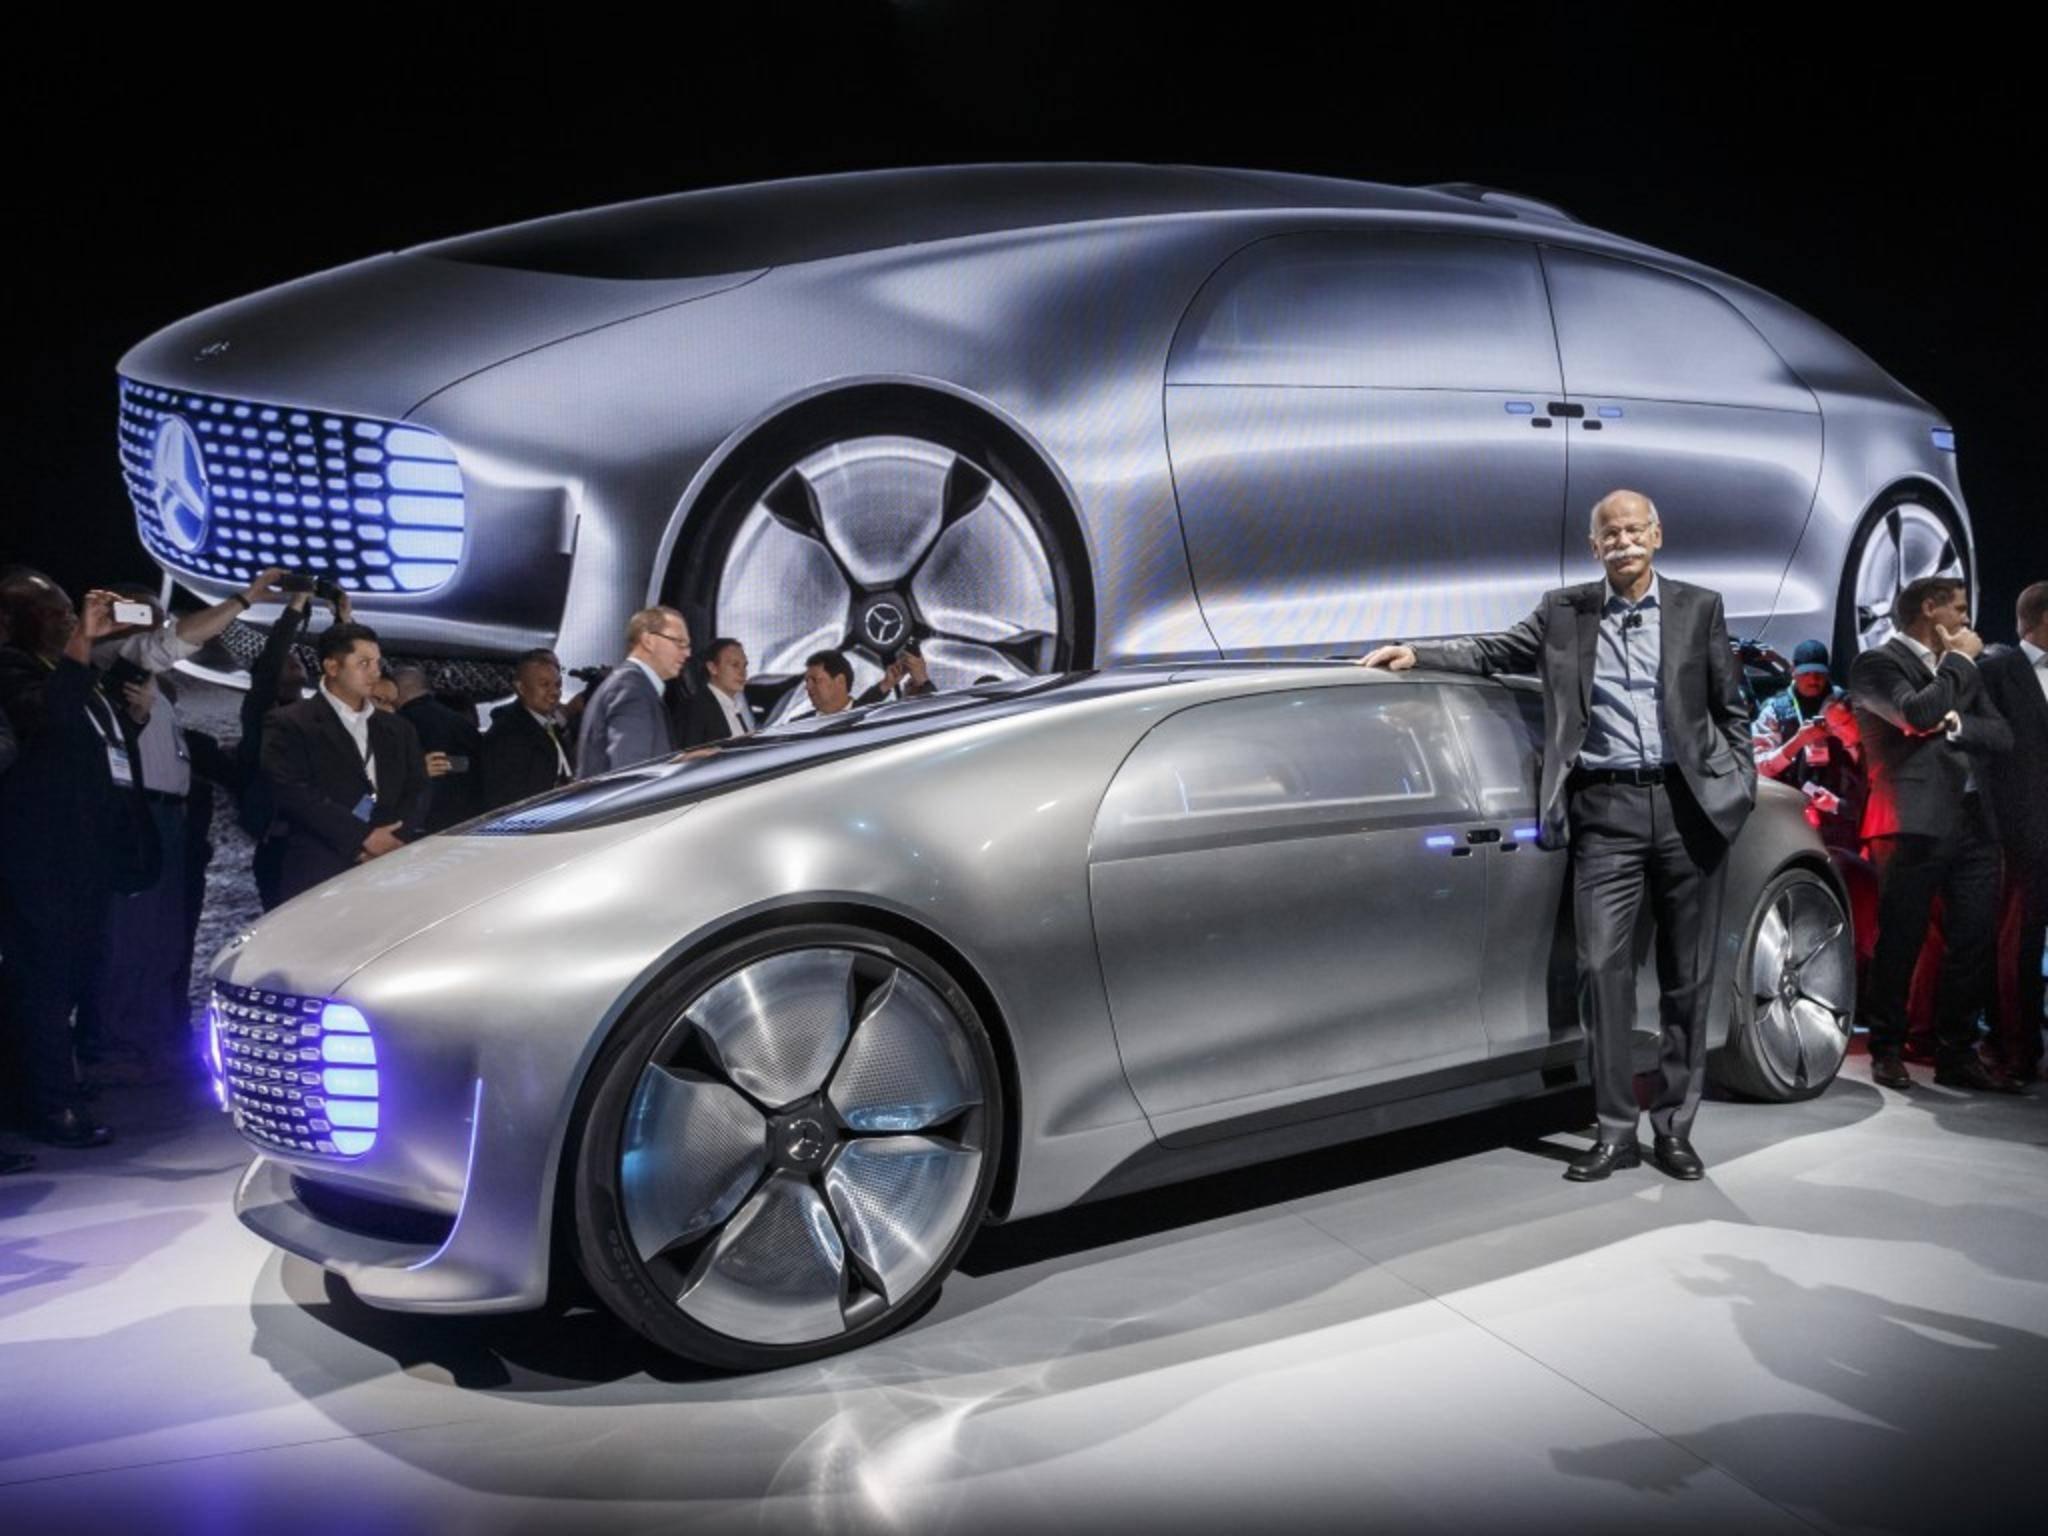 Das über fünf Meter lange Concept Car soll autonom fahren können.